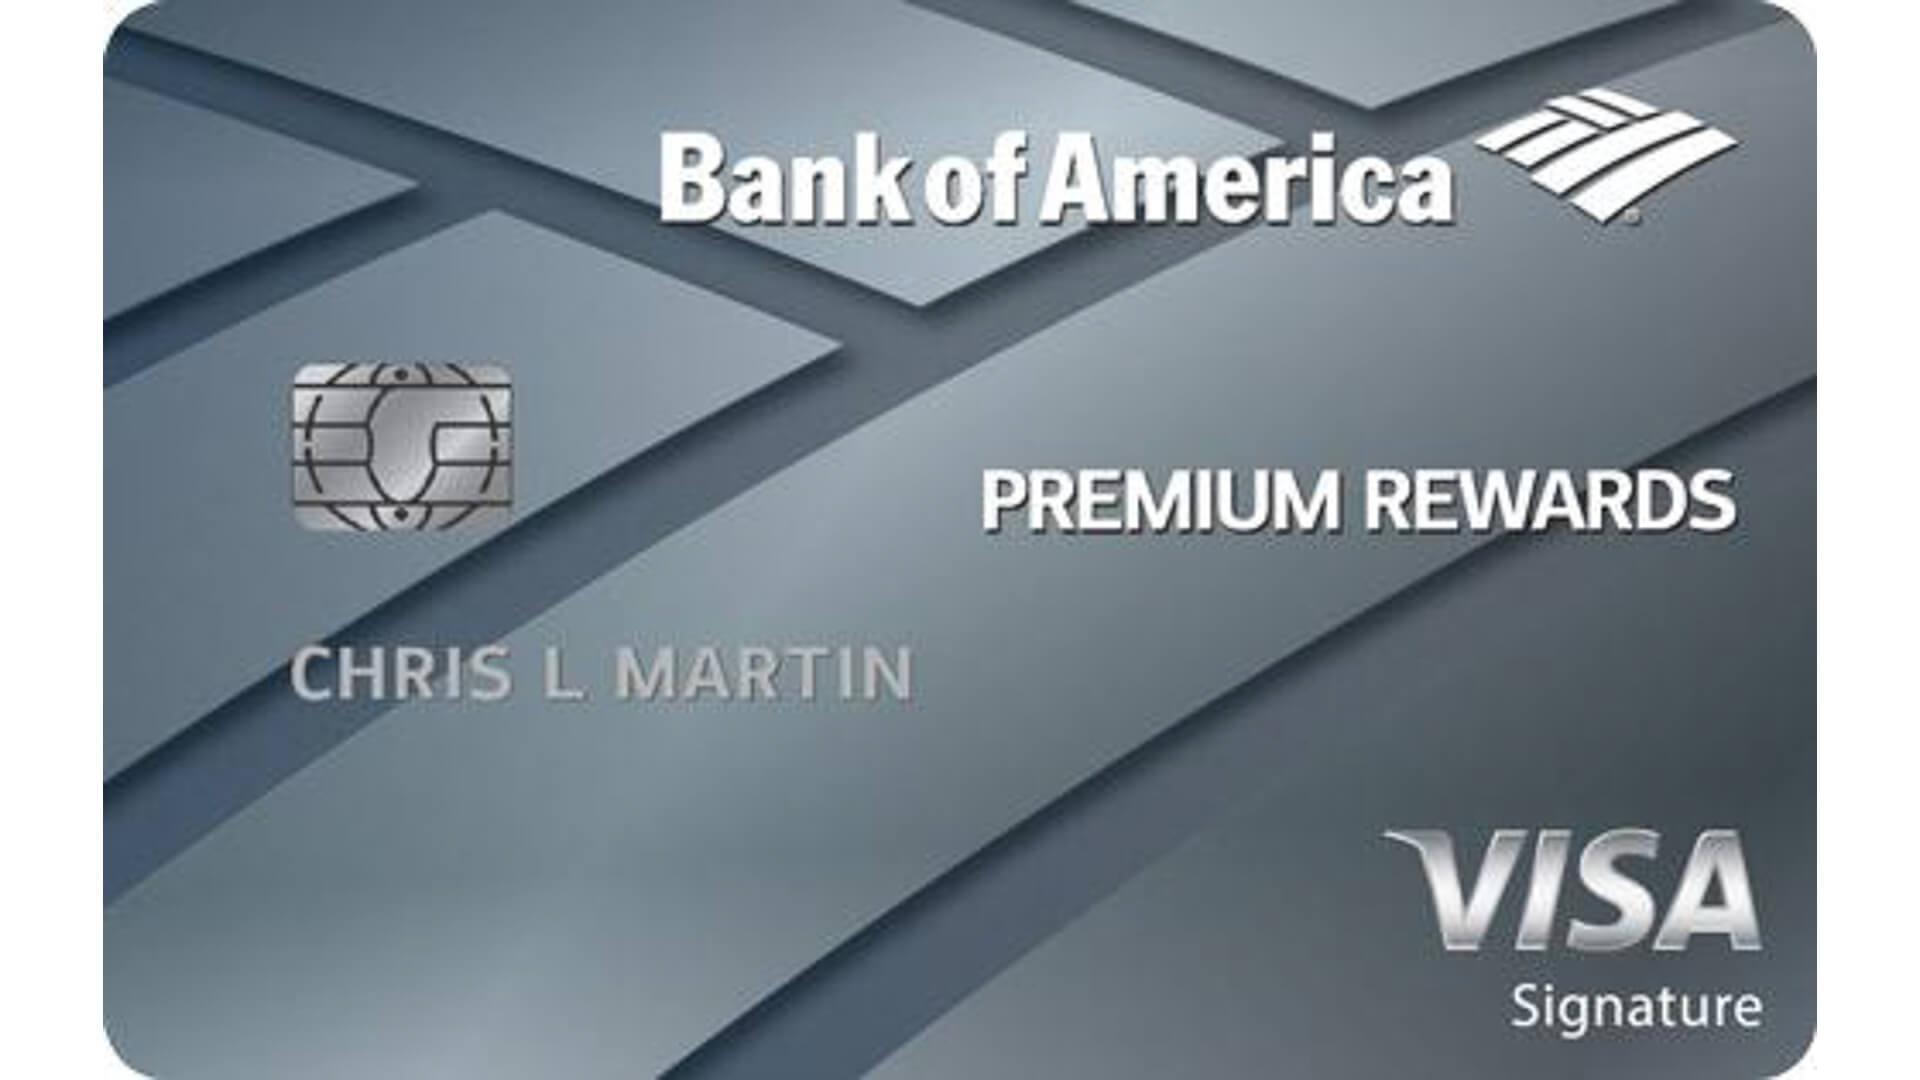 Bank of America Premium Rewards Visa Credit Card